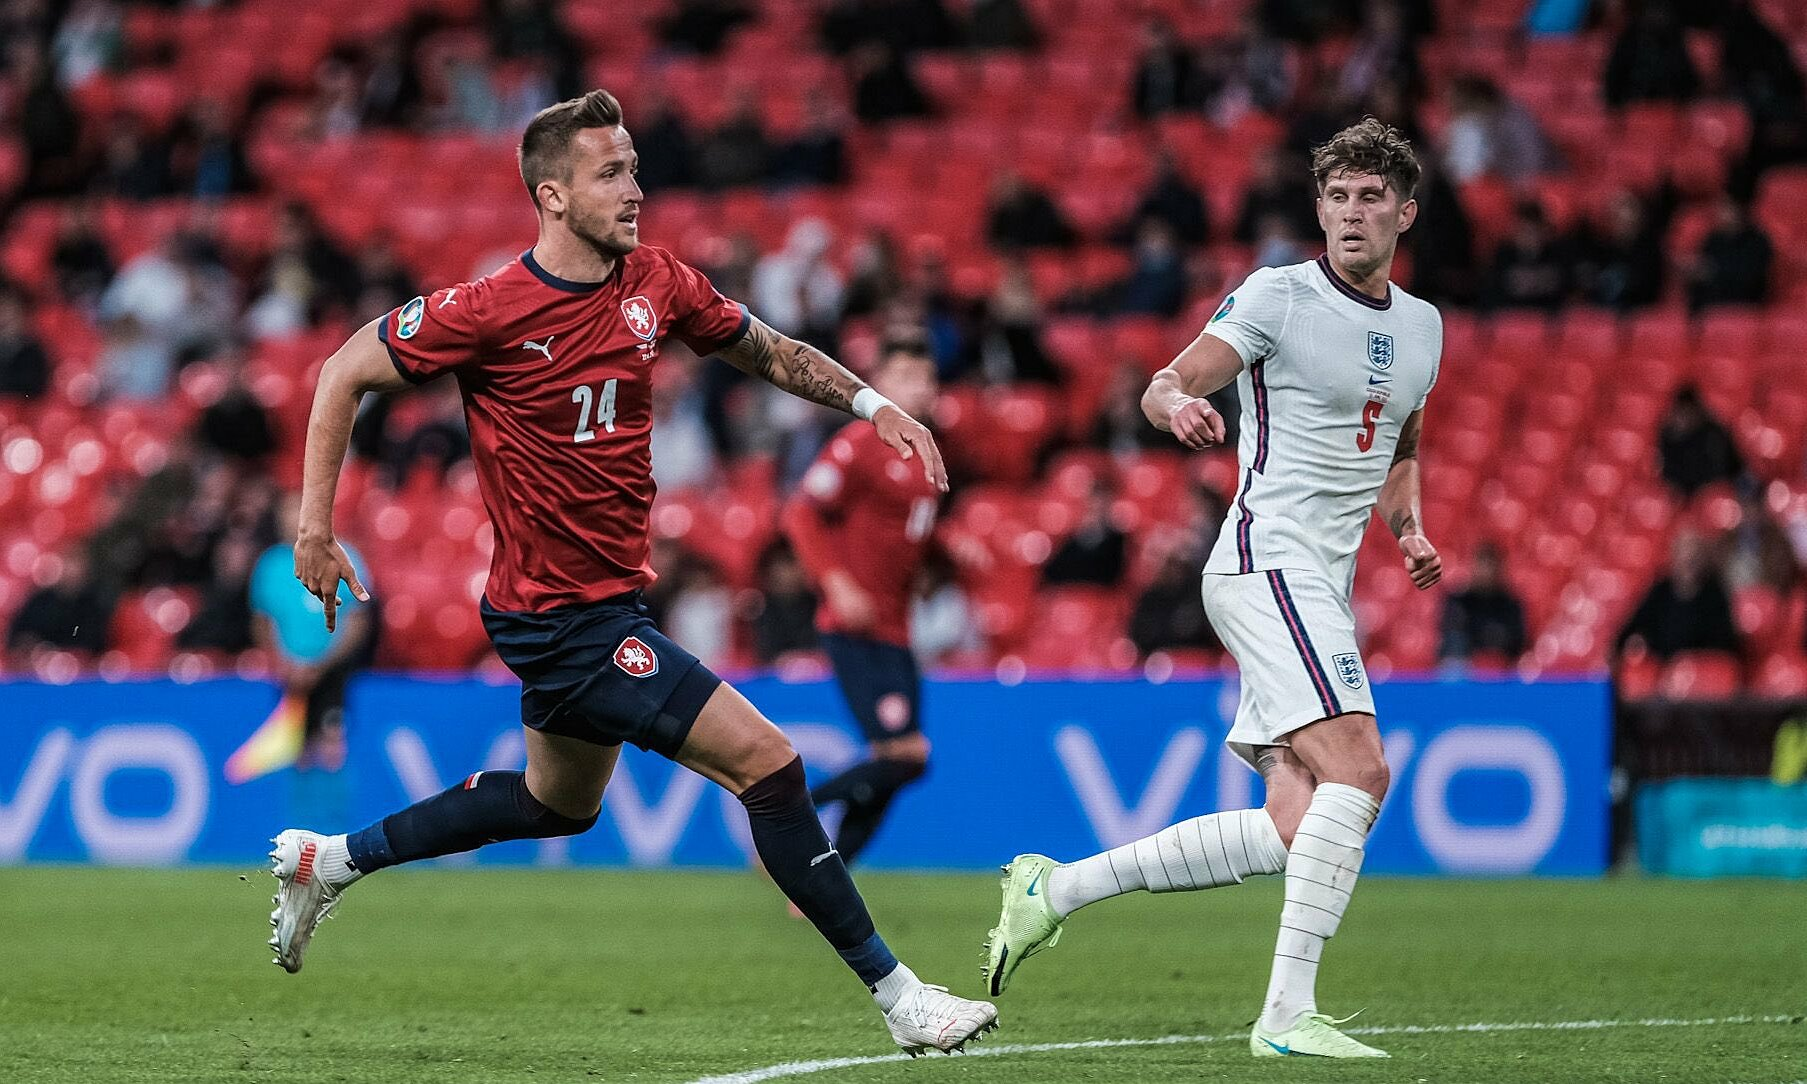 CH Czech gây nhiều khó khăn cho tuyển Anh trong trận cuối bảng D Euro 2021 hôm 22/6. Ảnh: Twitter / Ceskarepre